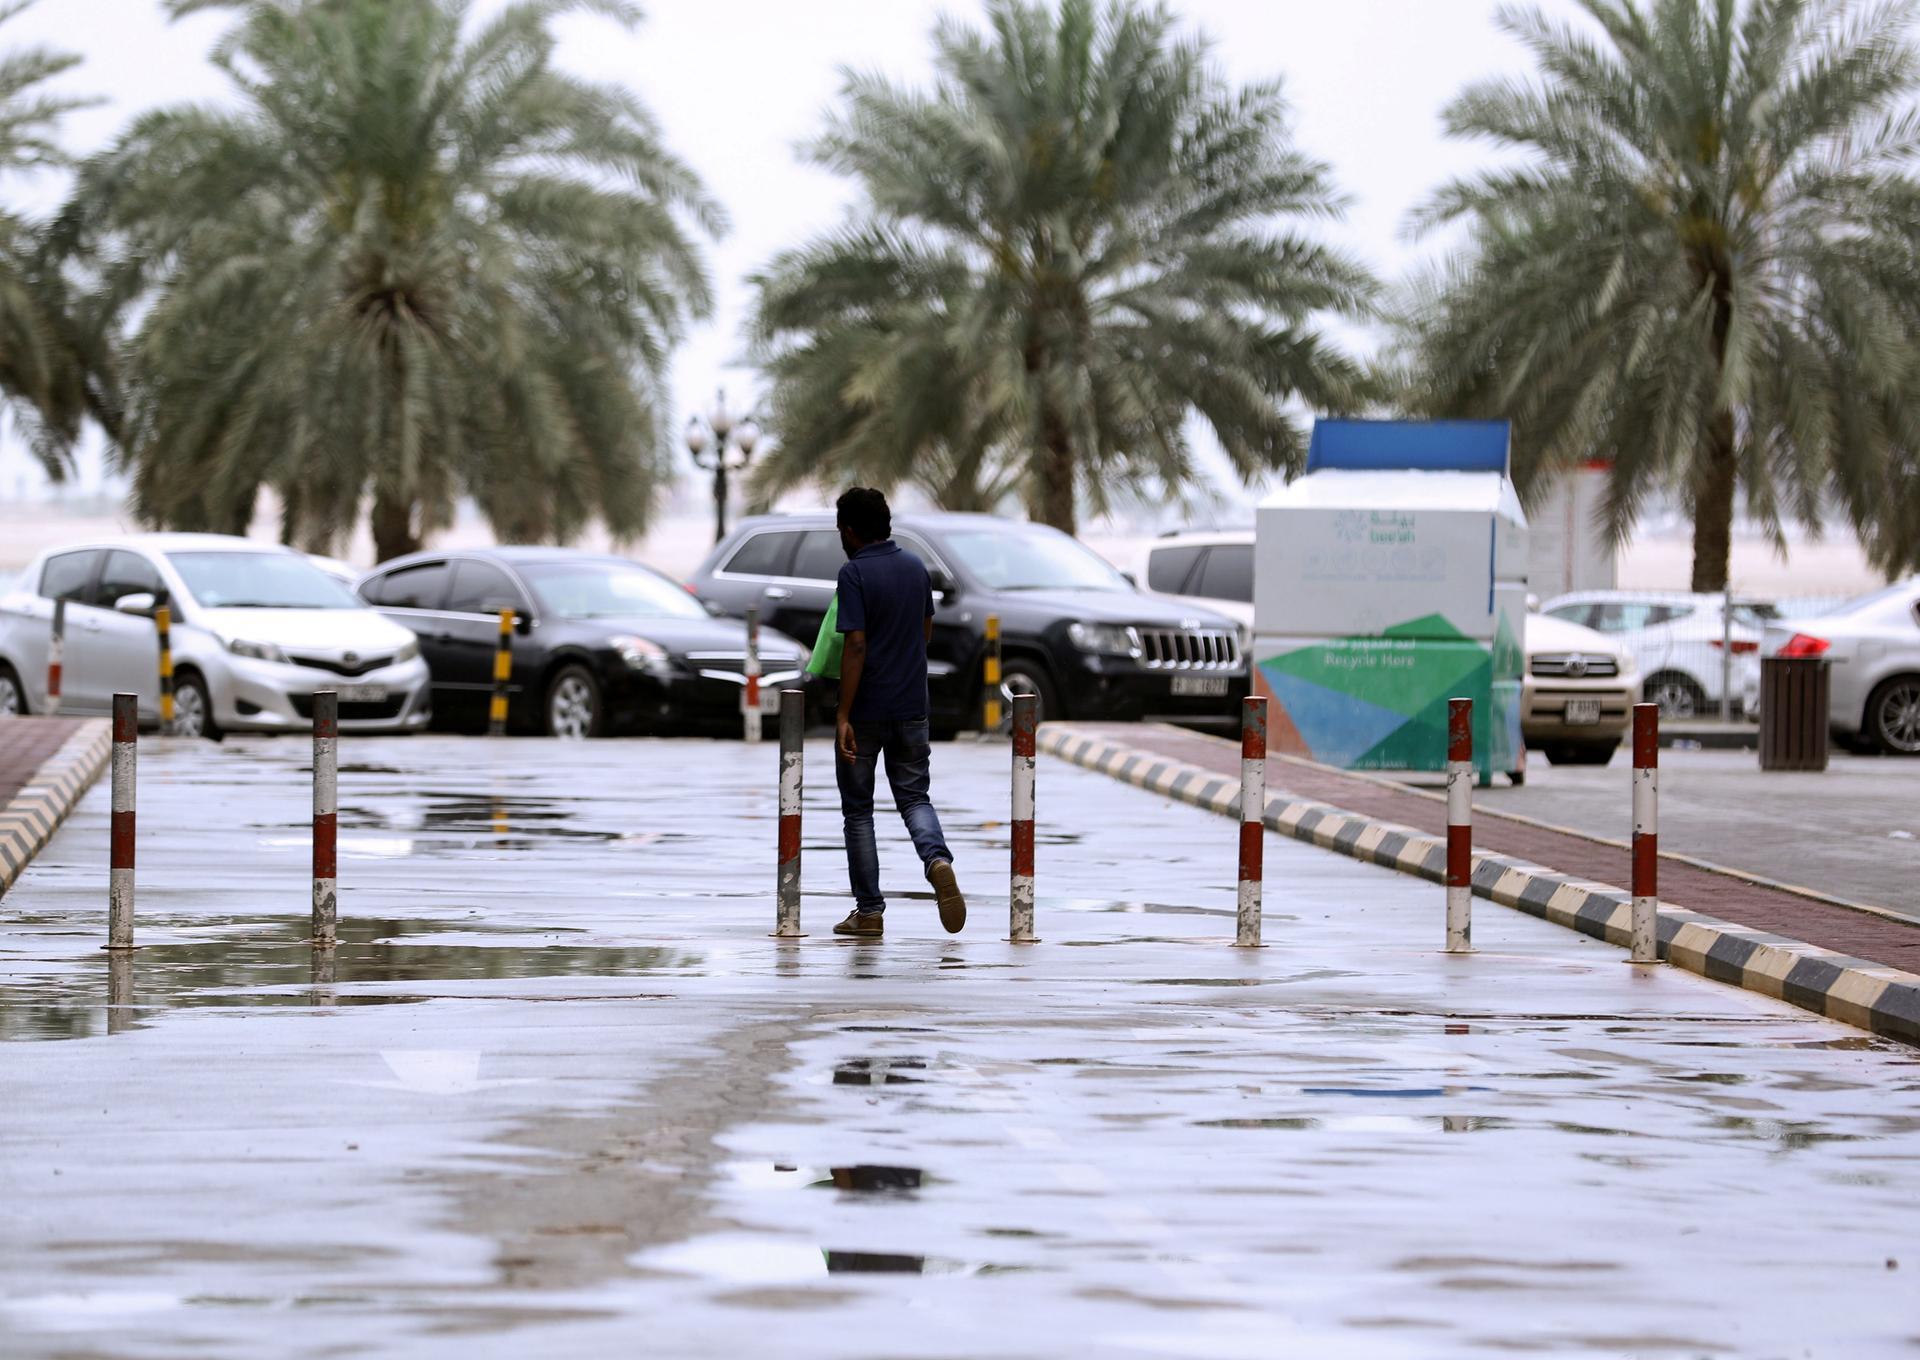 В ОАЭ искусственно вызывали дождь. видео